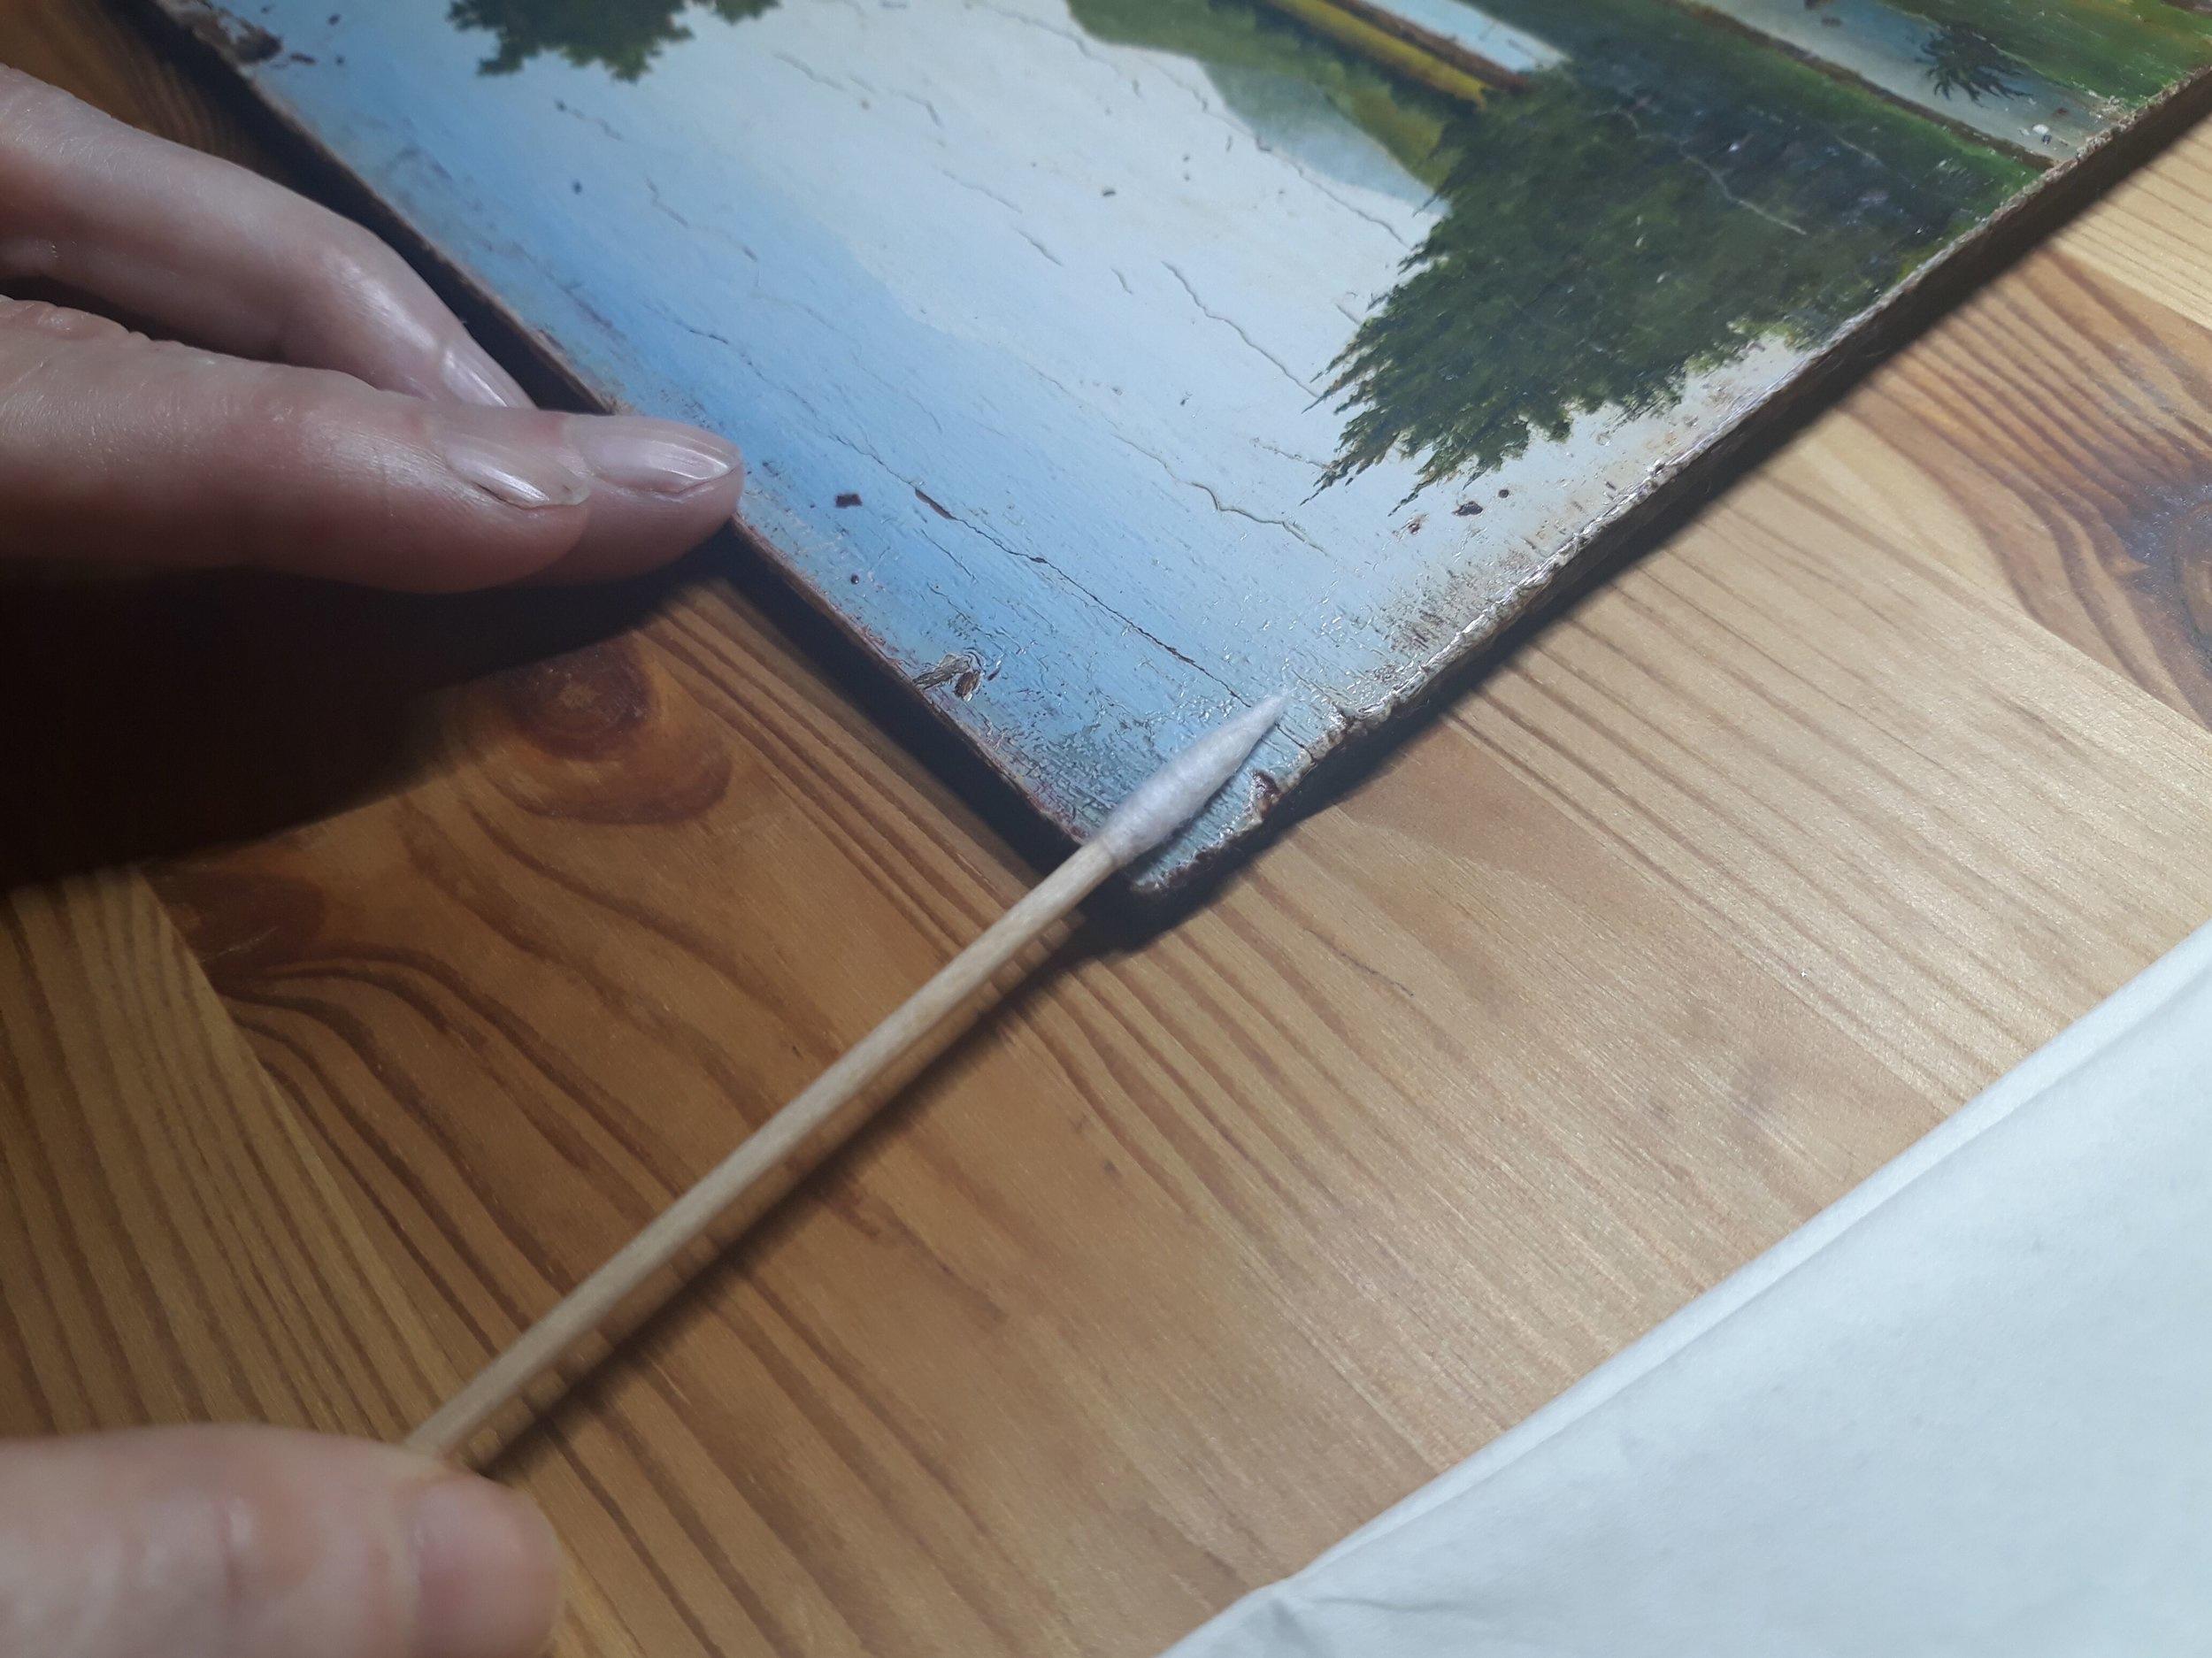 Cours privé de restauration de tableaux - Atelier Julie Pouillon